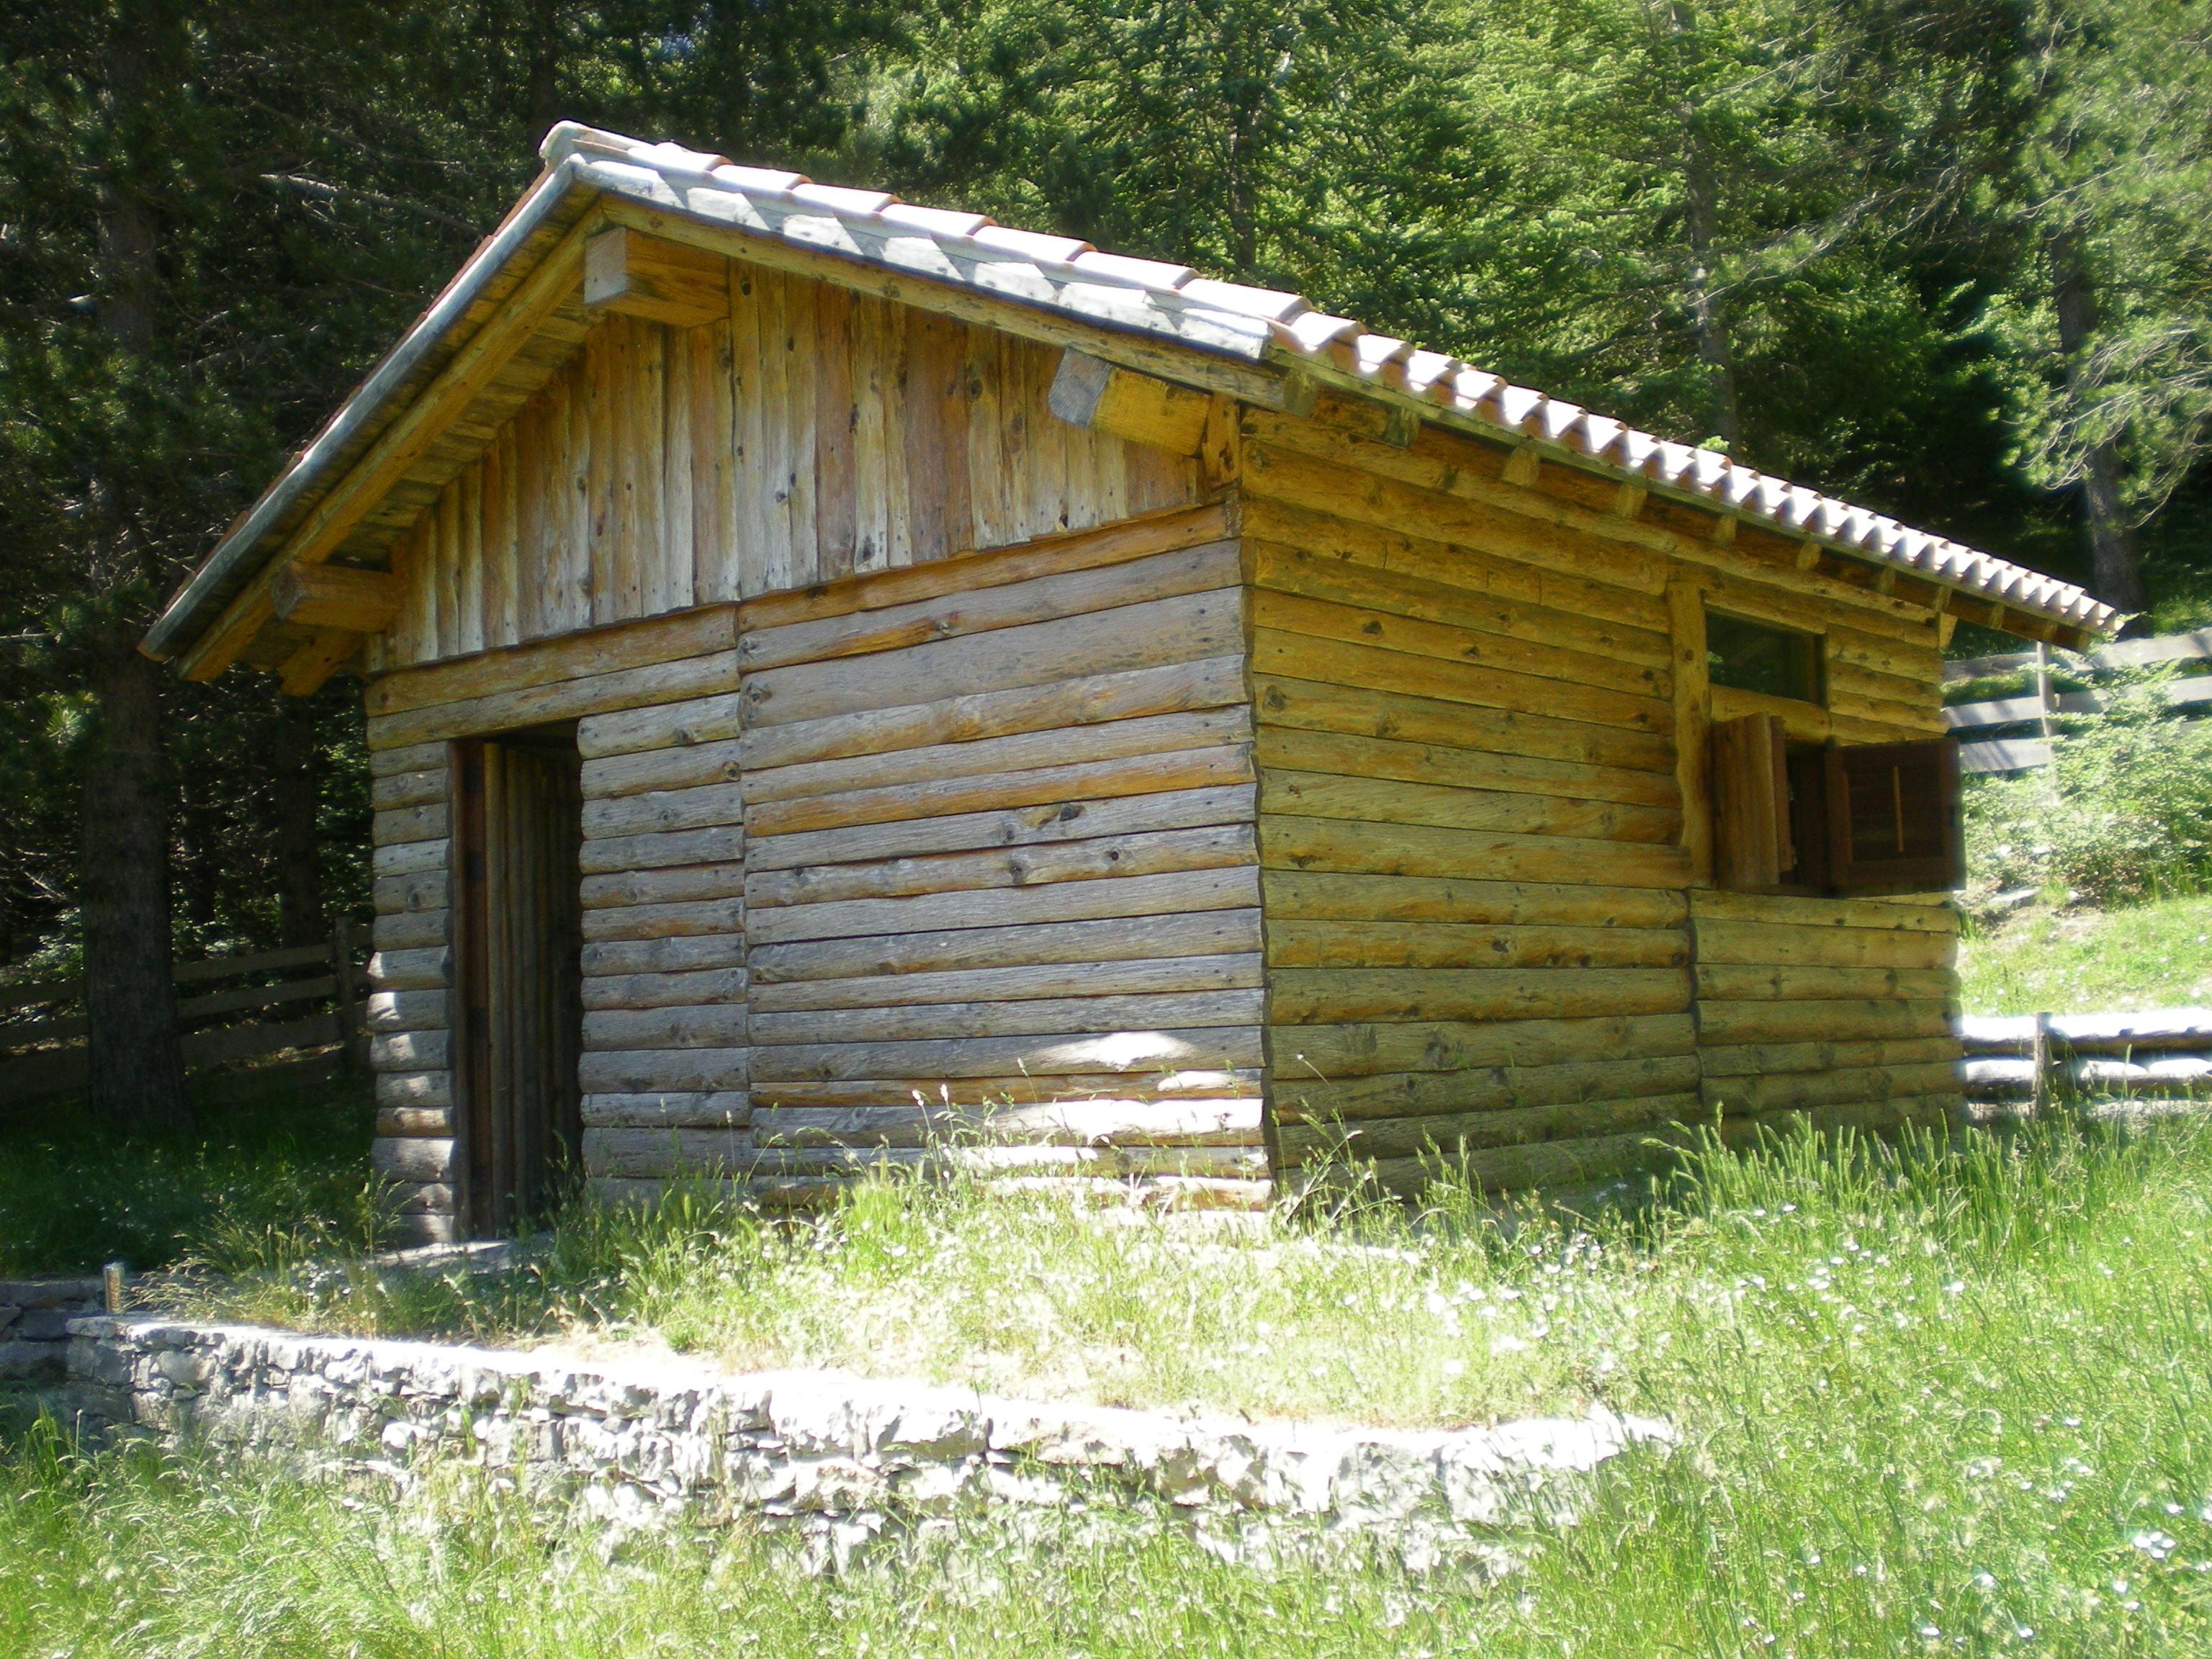 Di nuovo in campagna quell 39 insensata voglia di equilibrio for Piccola casetta in legno